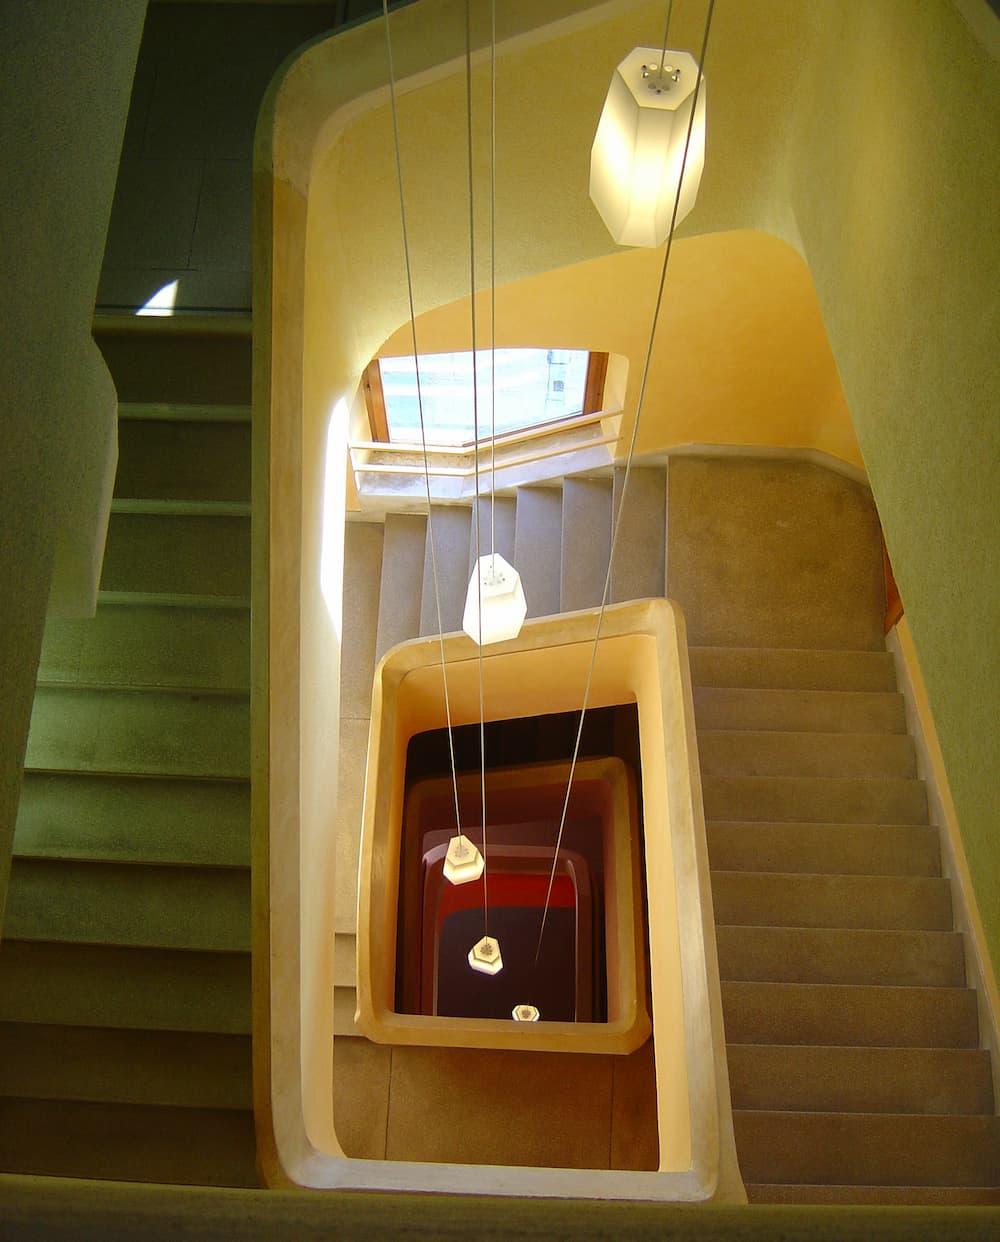 Pendelleuchte im Treppenhaus © Pegasus, stock.adobe.com